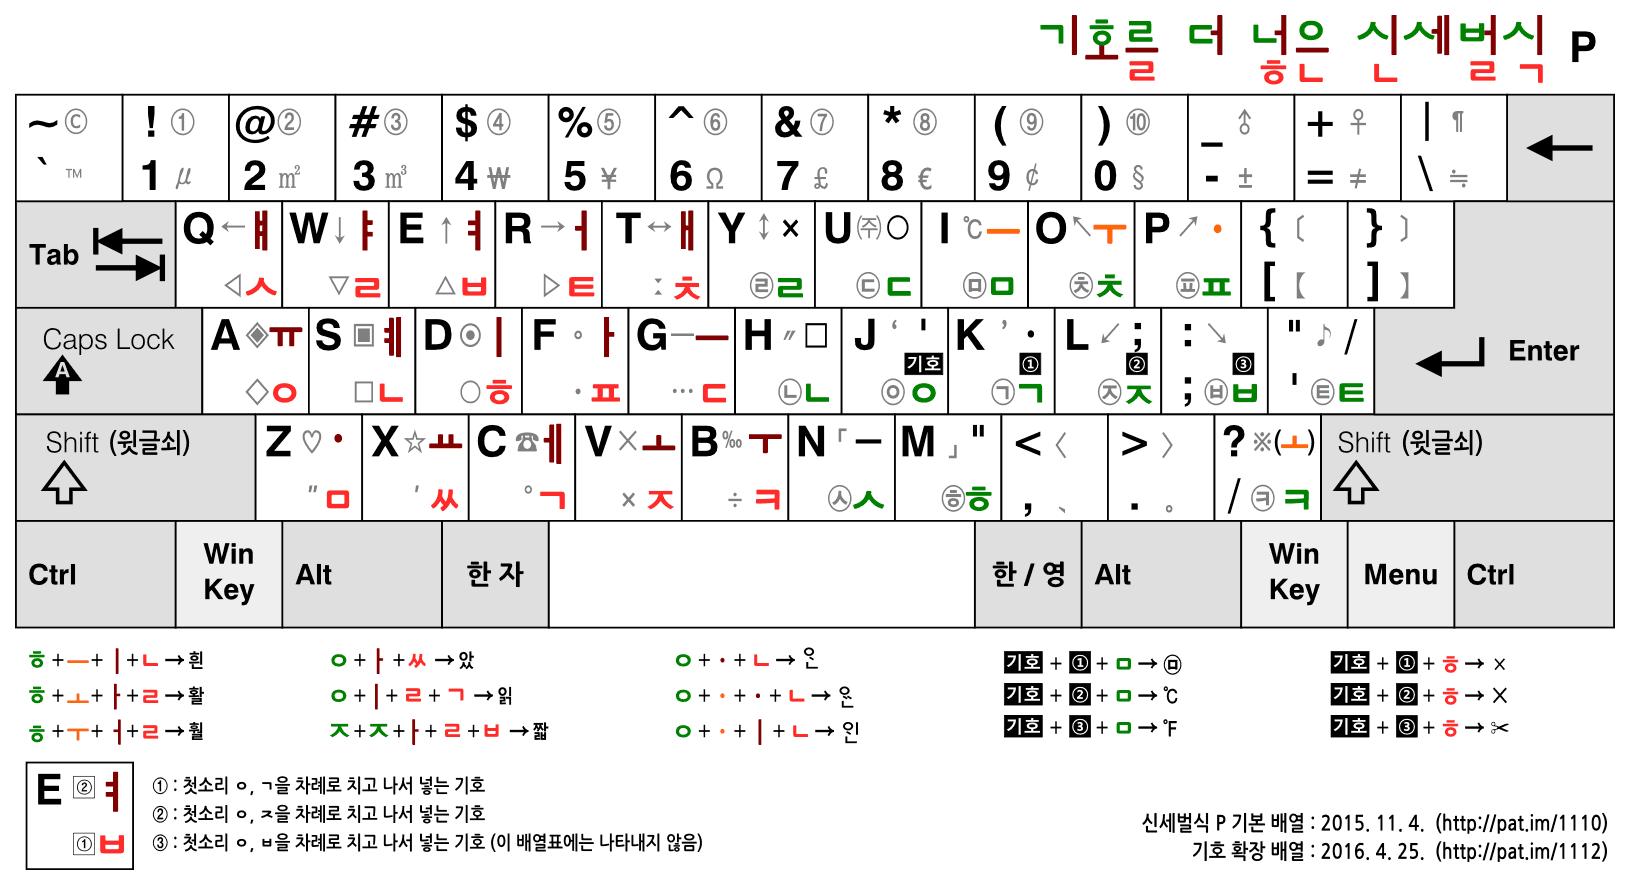 신세벌식 P 자판의 기호 확장 배열 (간단한 2단 배열표)